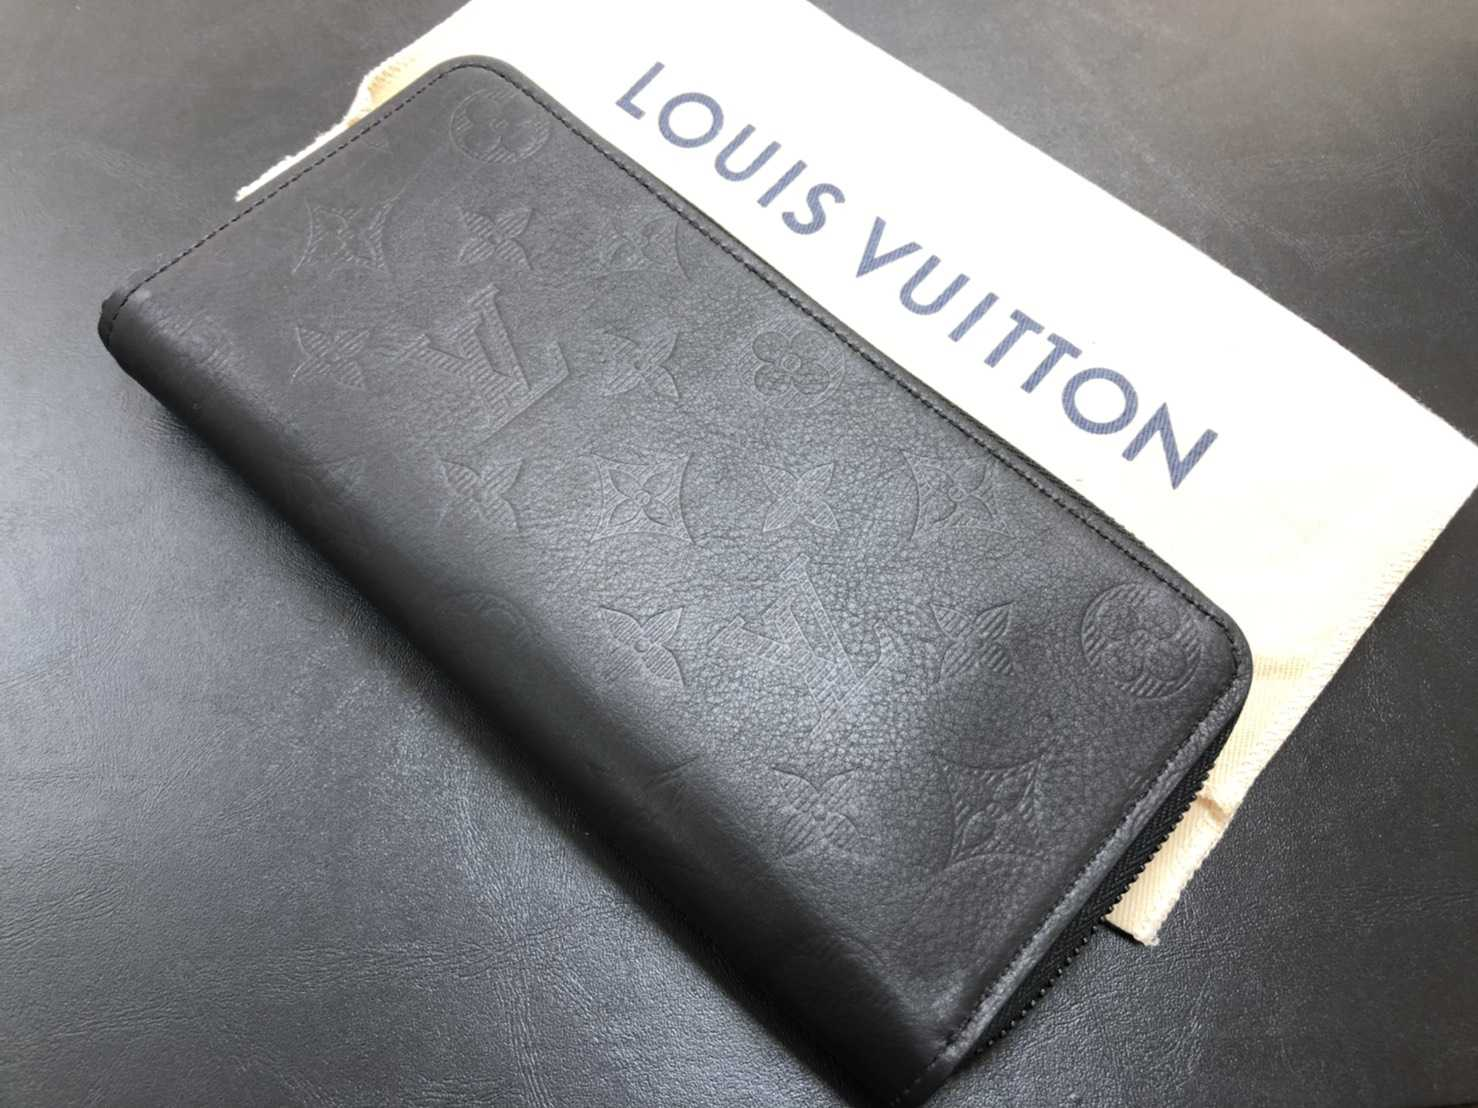 ルイヴィトン買取 財布 ヴェルティカル